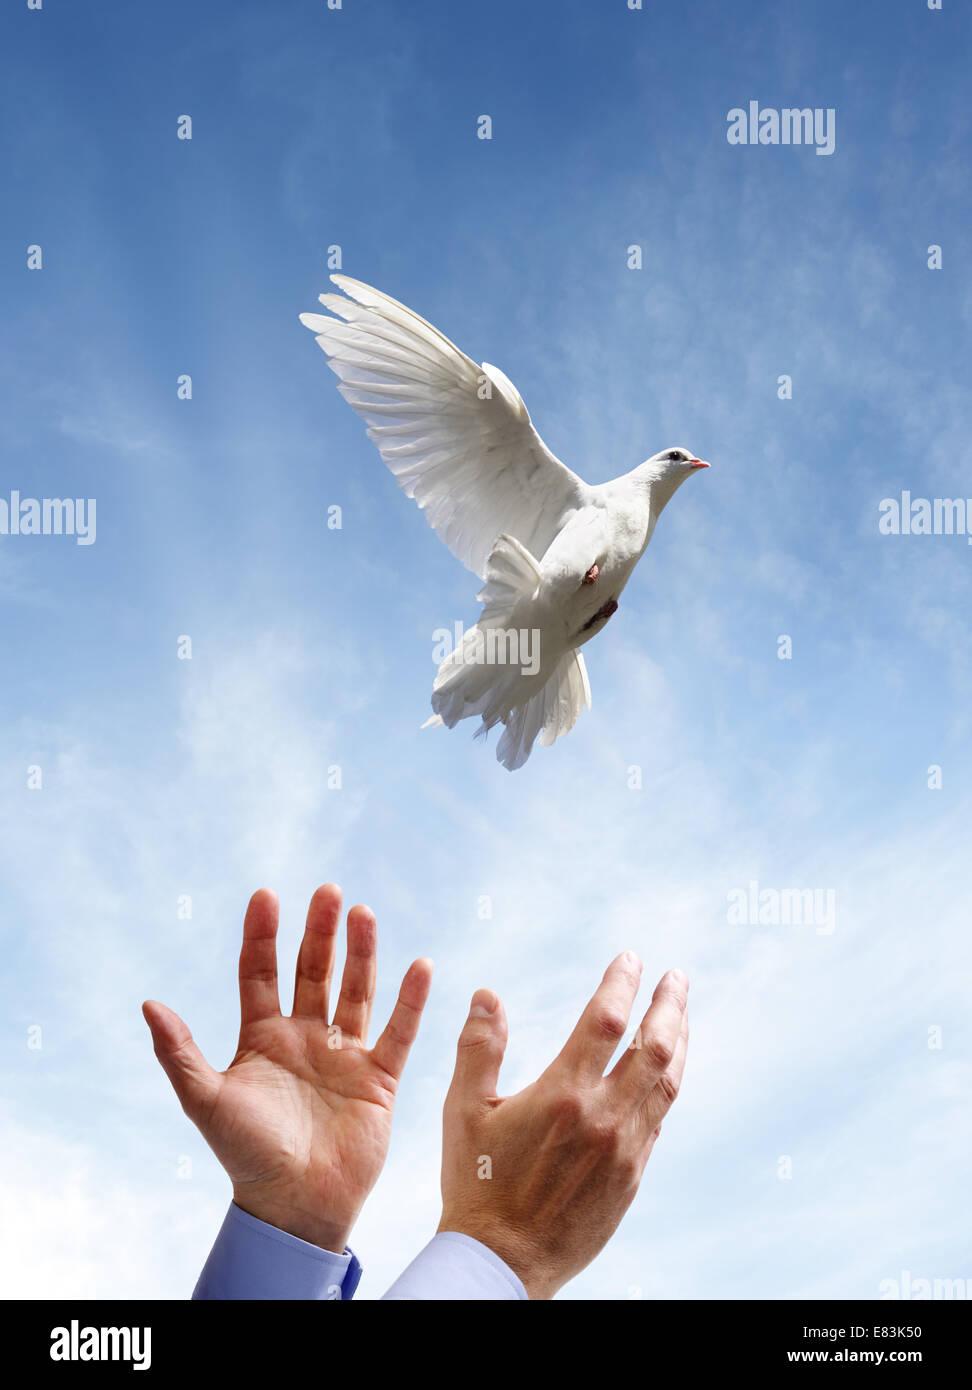 Freiheit, Frieden und Spiritualität Stockbild